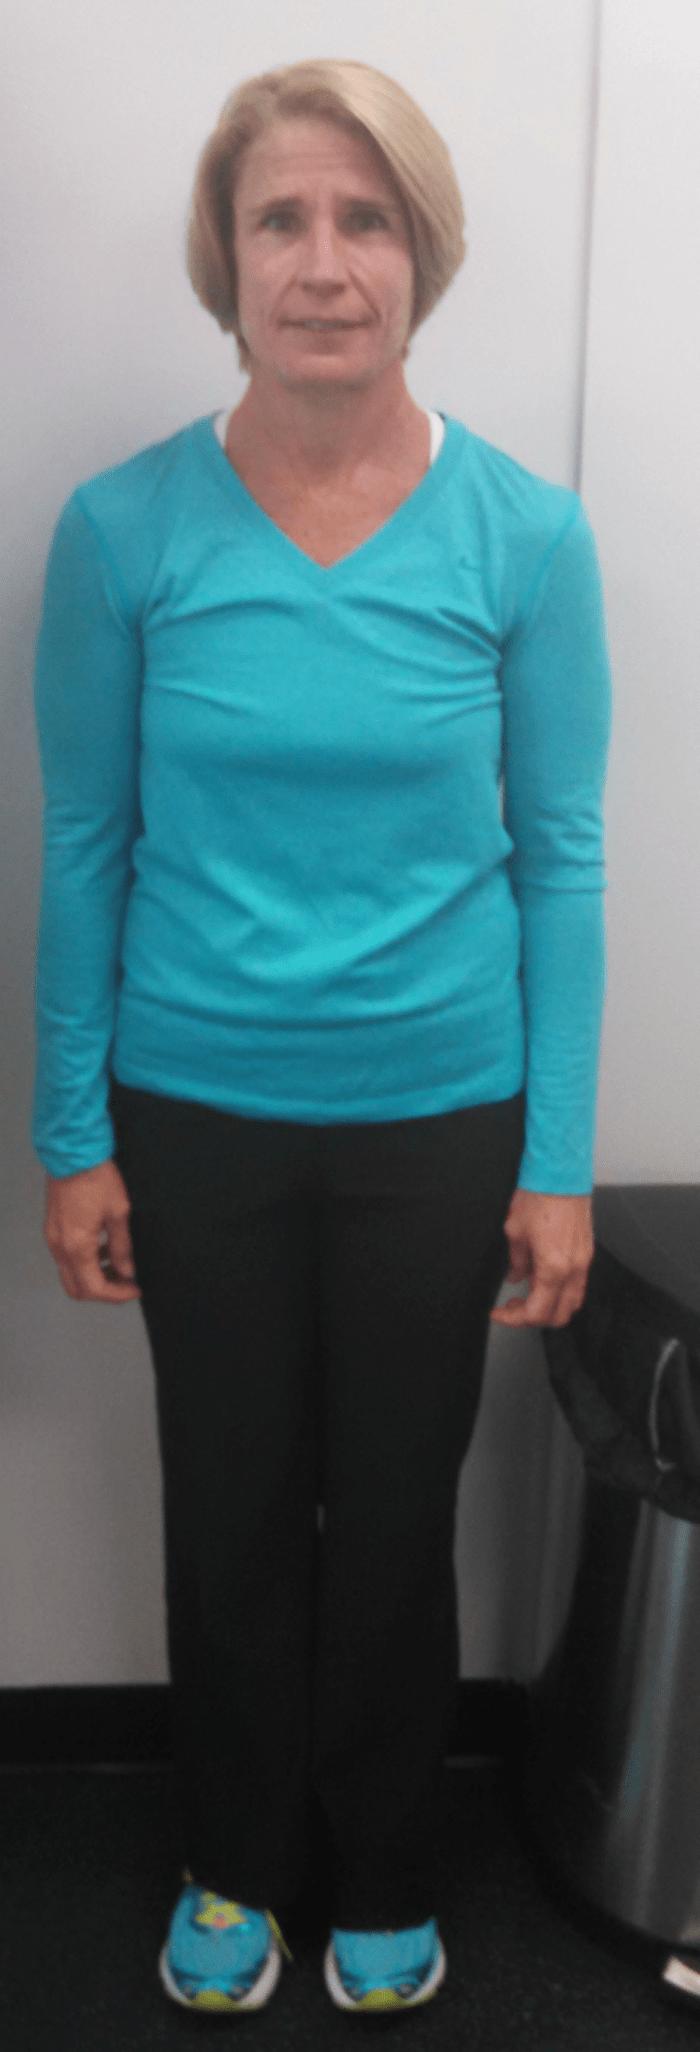 Michele S., BodyFit testimonials